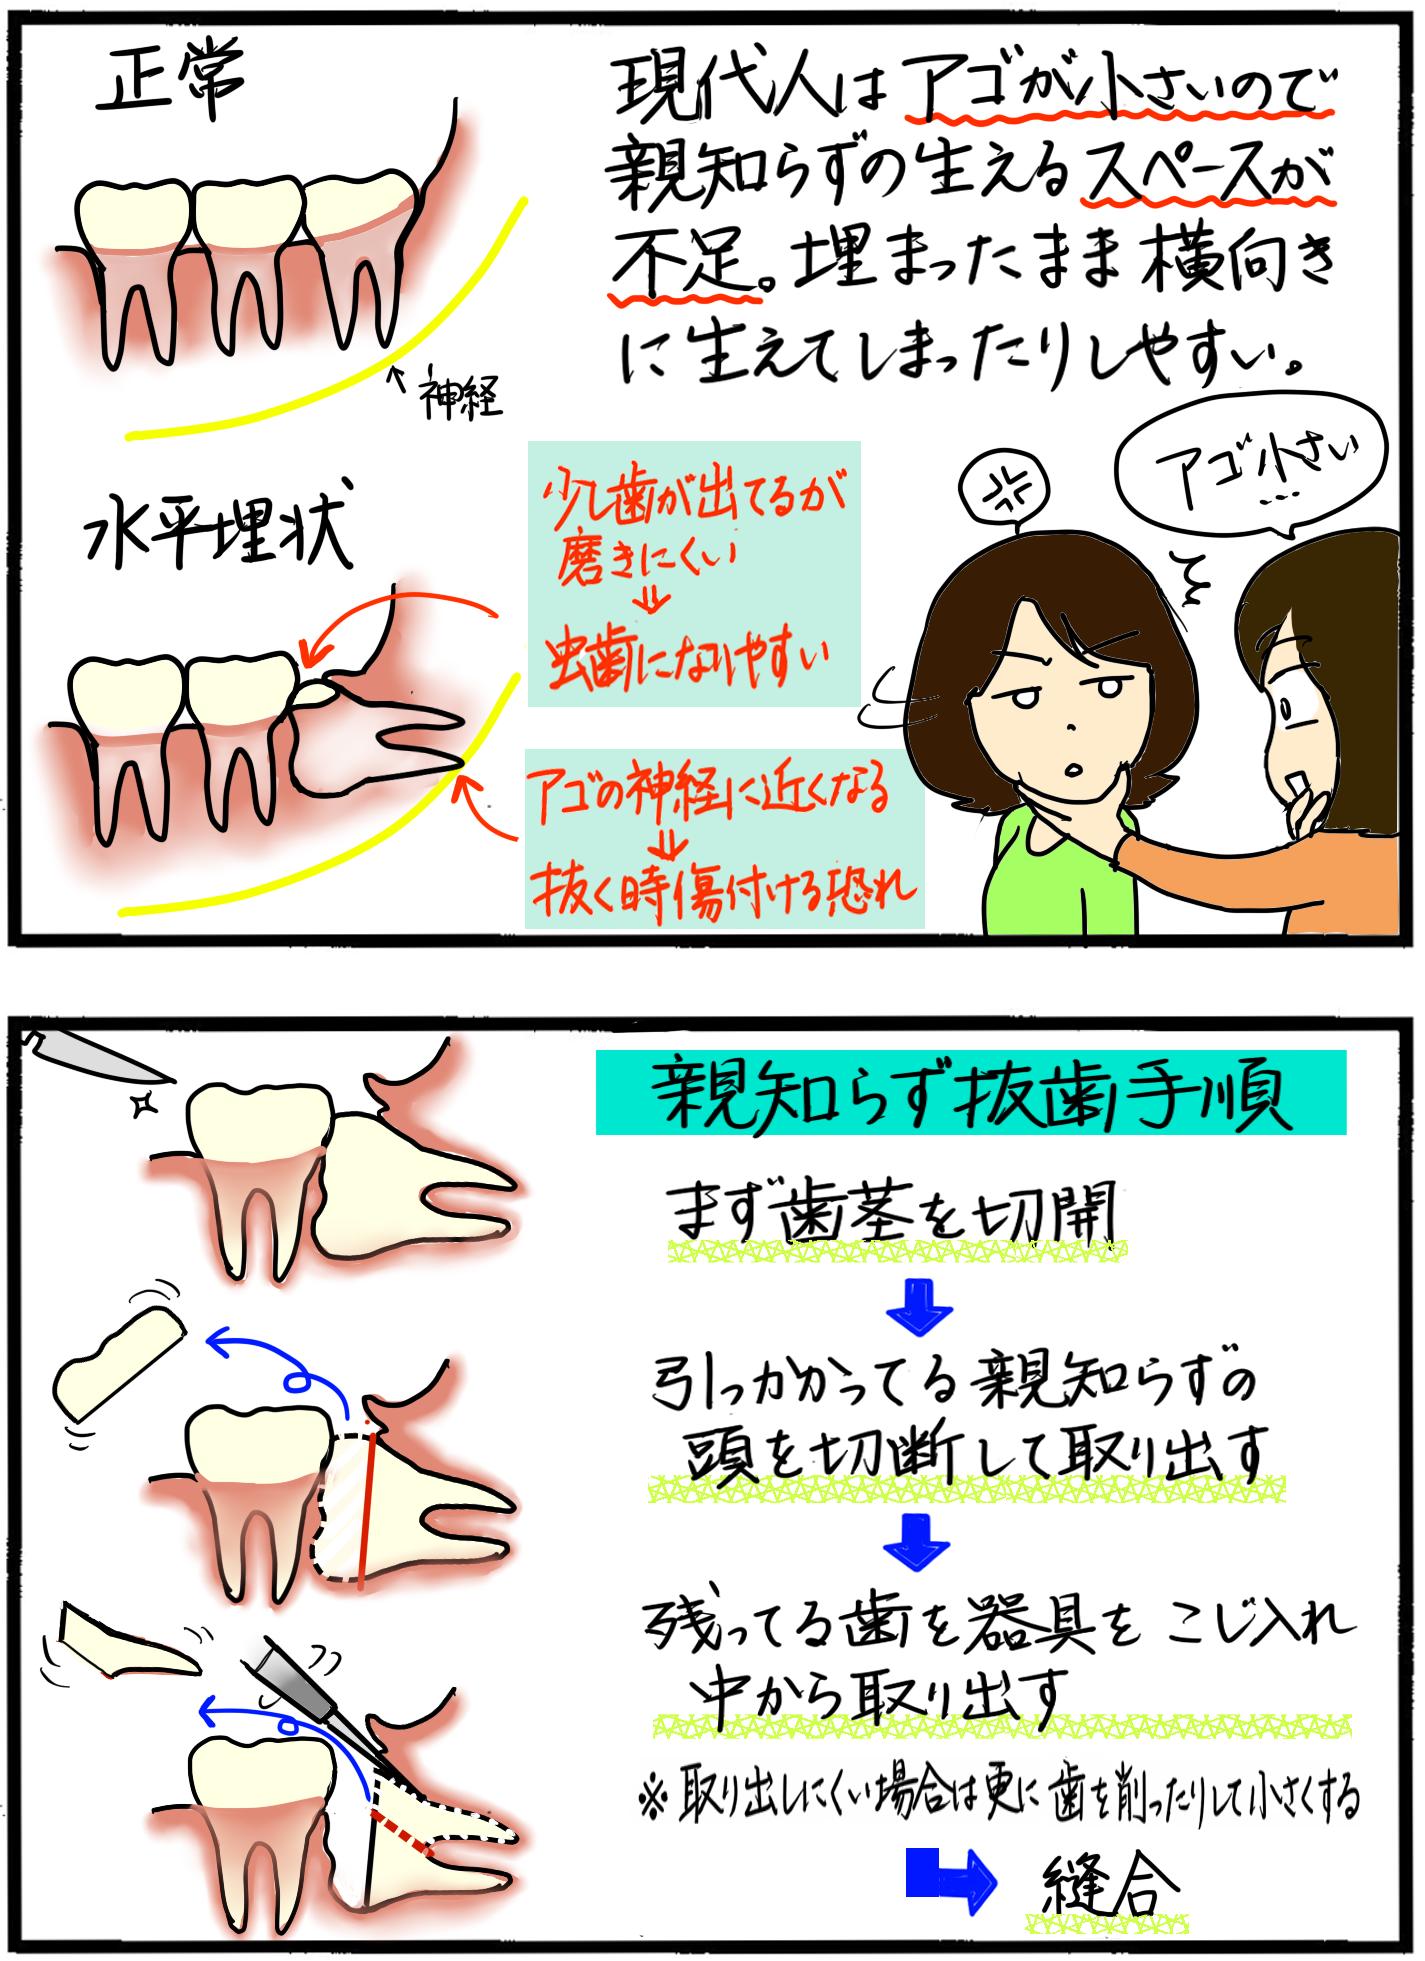 親知らず 抜歯 金額 親知らず抜歯の費用:1本8000円~。保険適用の条件と抜歯の流れ